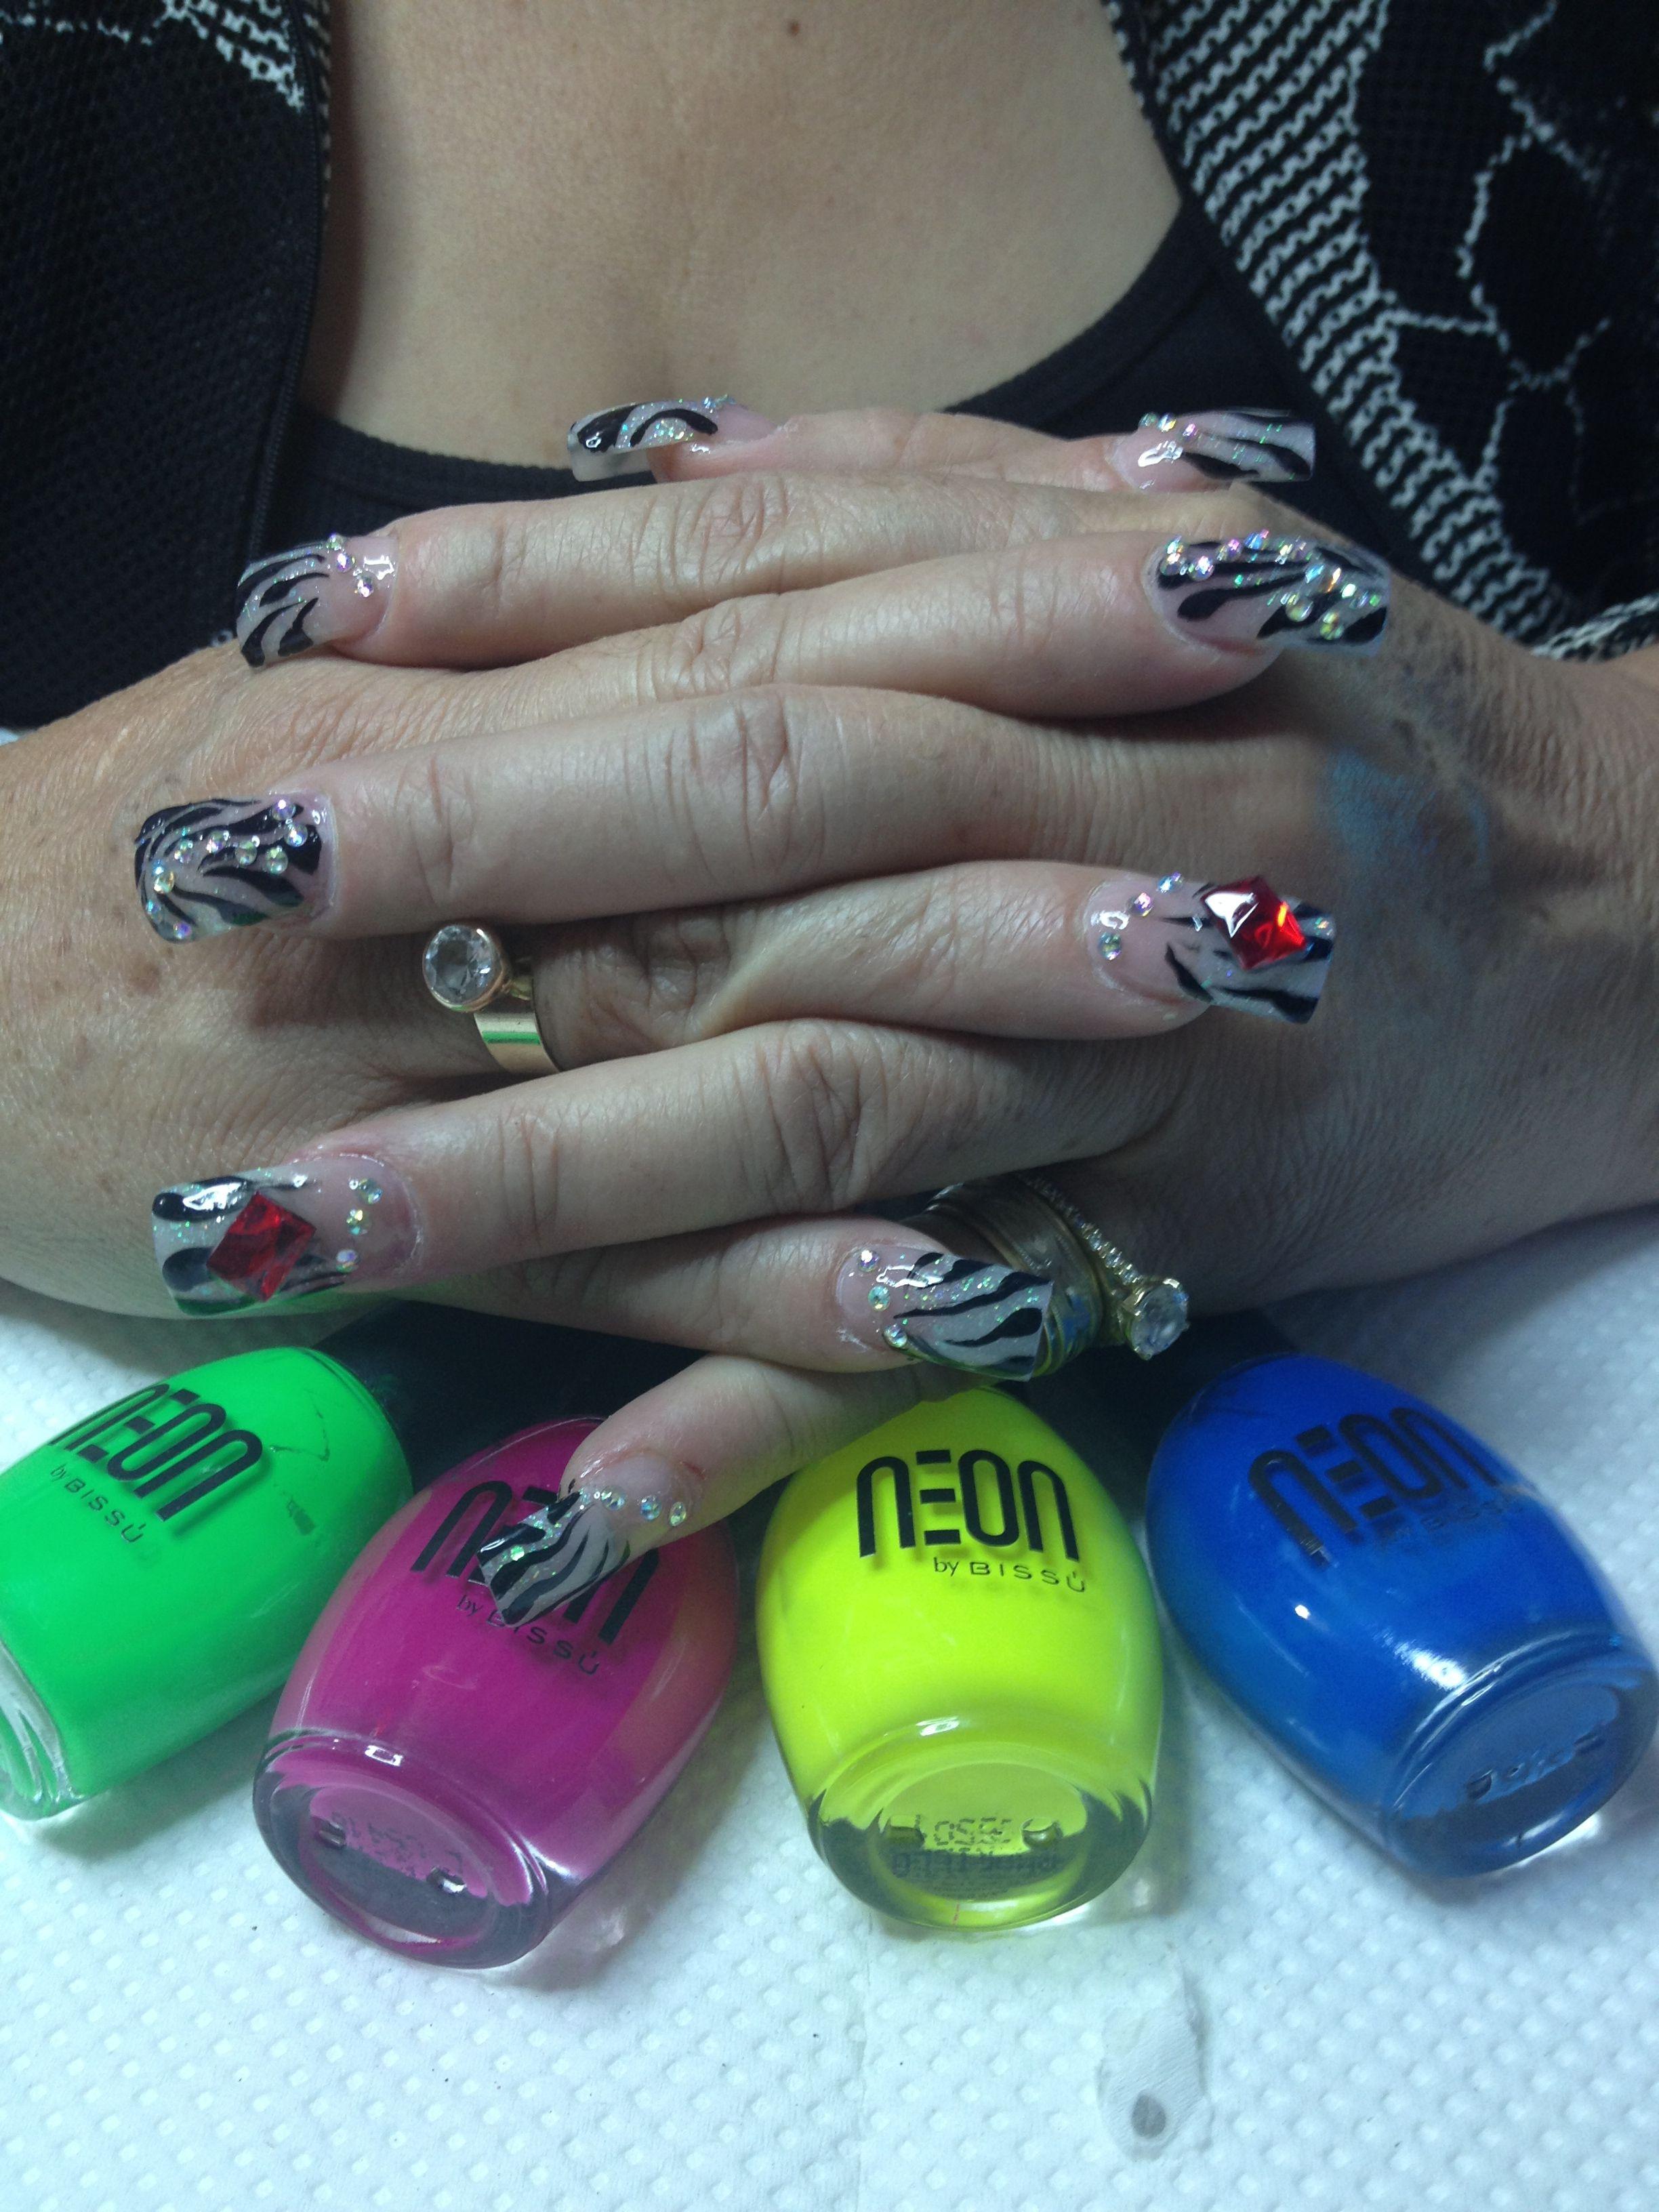 Diseño creado por Valeria unzon, uñas cebras, glitter party ...